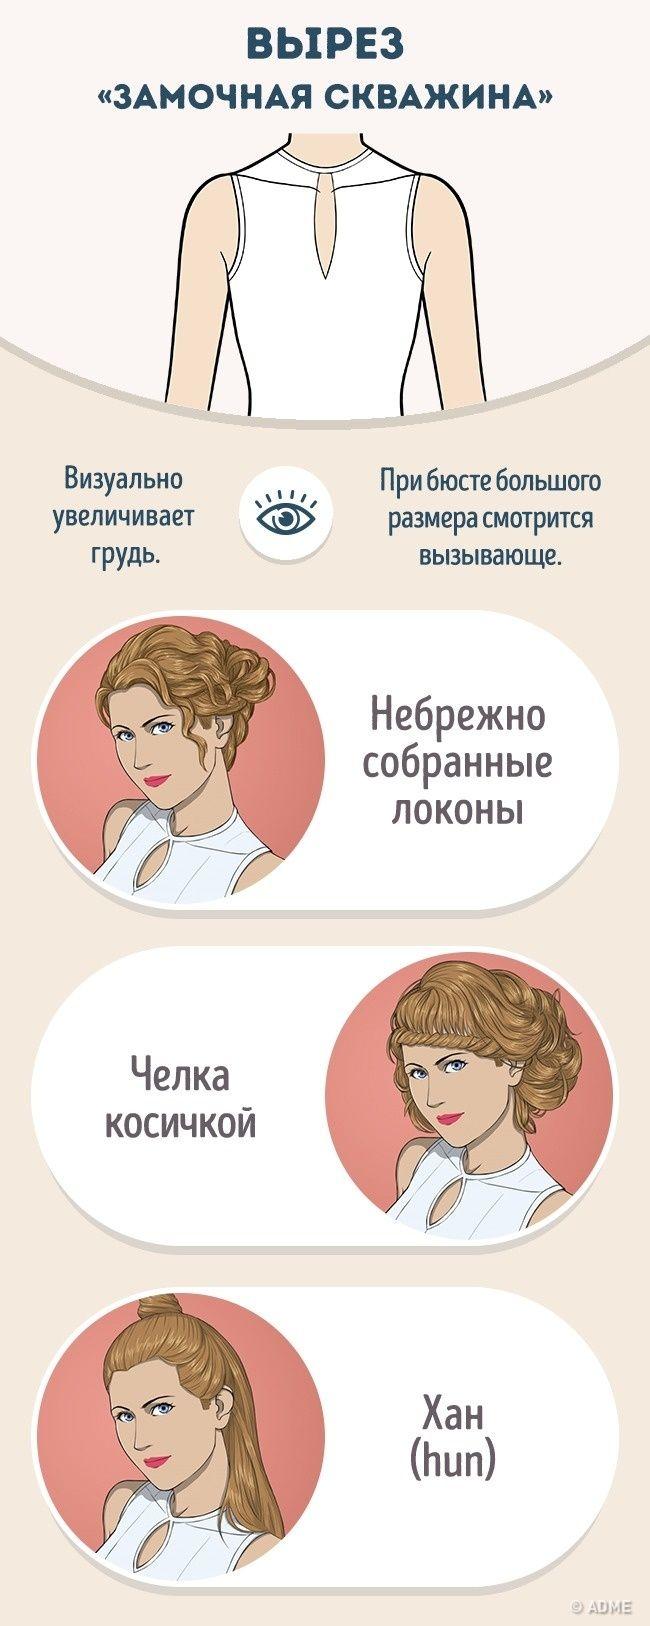 Удачное сочетание прически и формы декольте является важным условием гармоничного образа. Правильно уложенные волосы помогут подчеркнуть достоинства и отвлекут внимание от изъянов фигуры.Мы предлагаем...